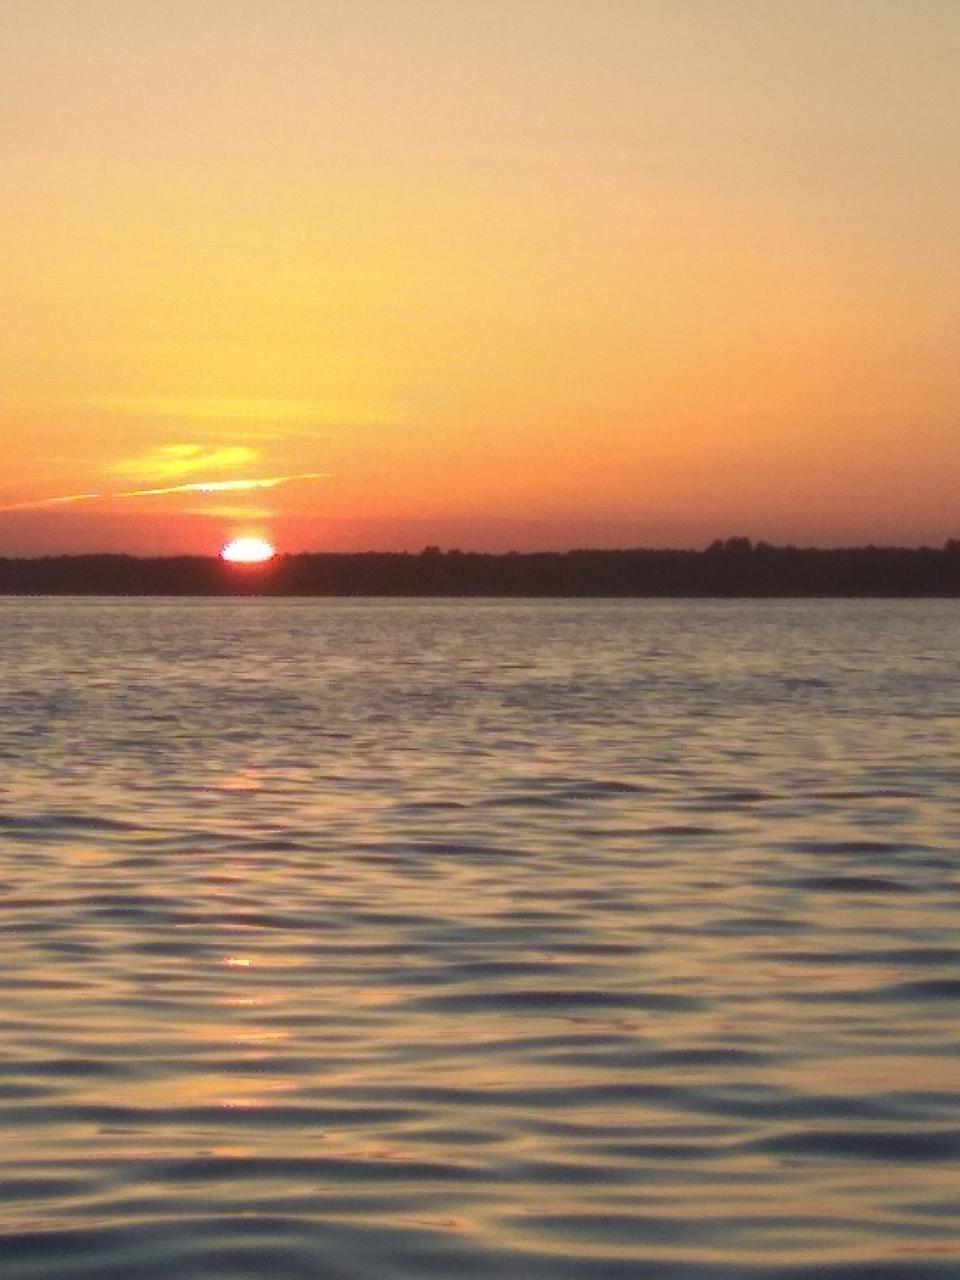 Были три ночёвки на Сельце ... | Отчеты о рыбалке в Беларуси